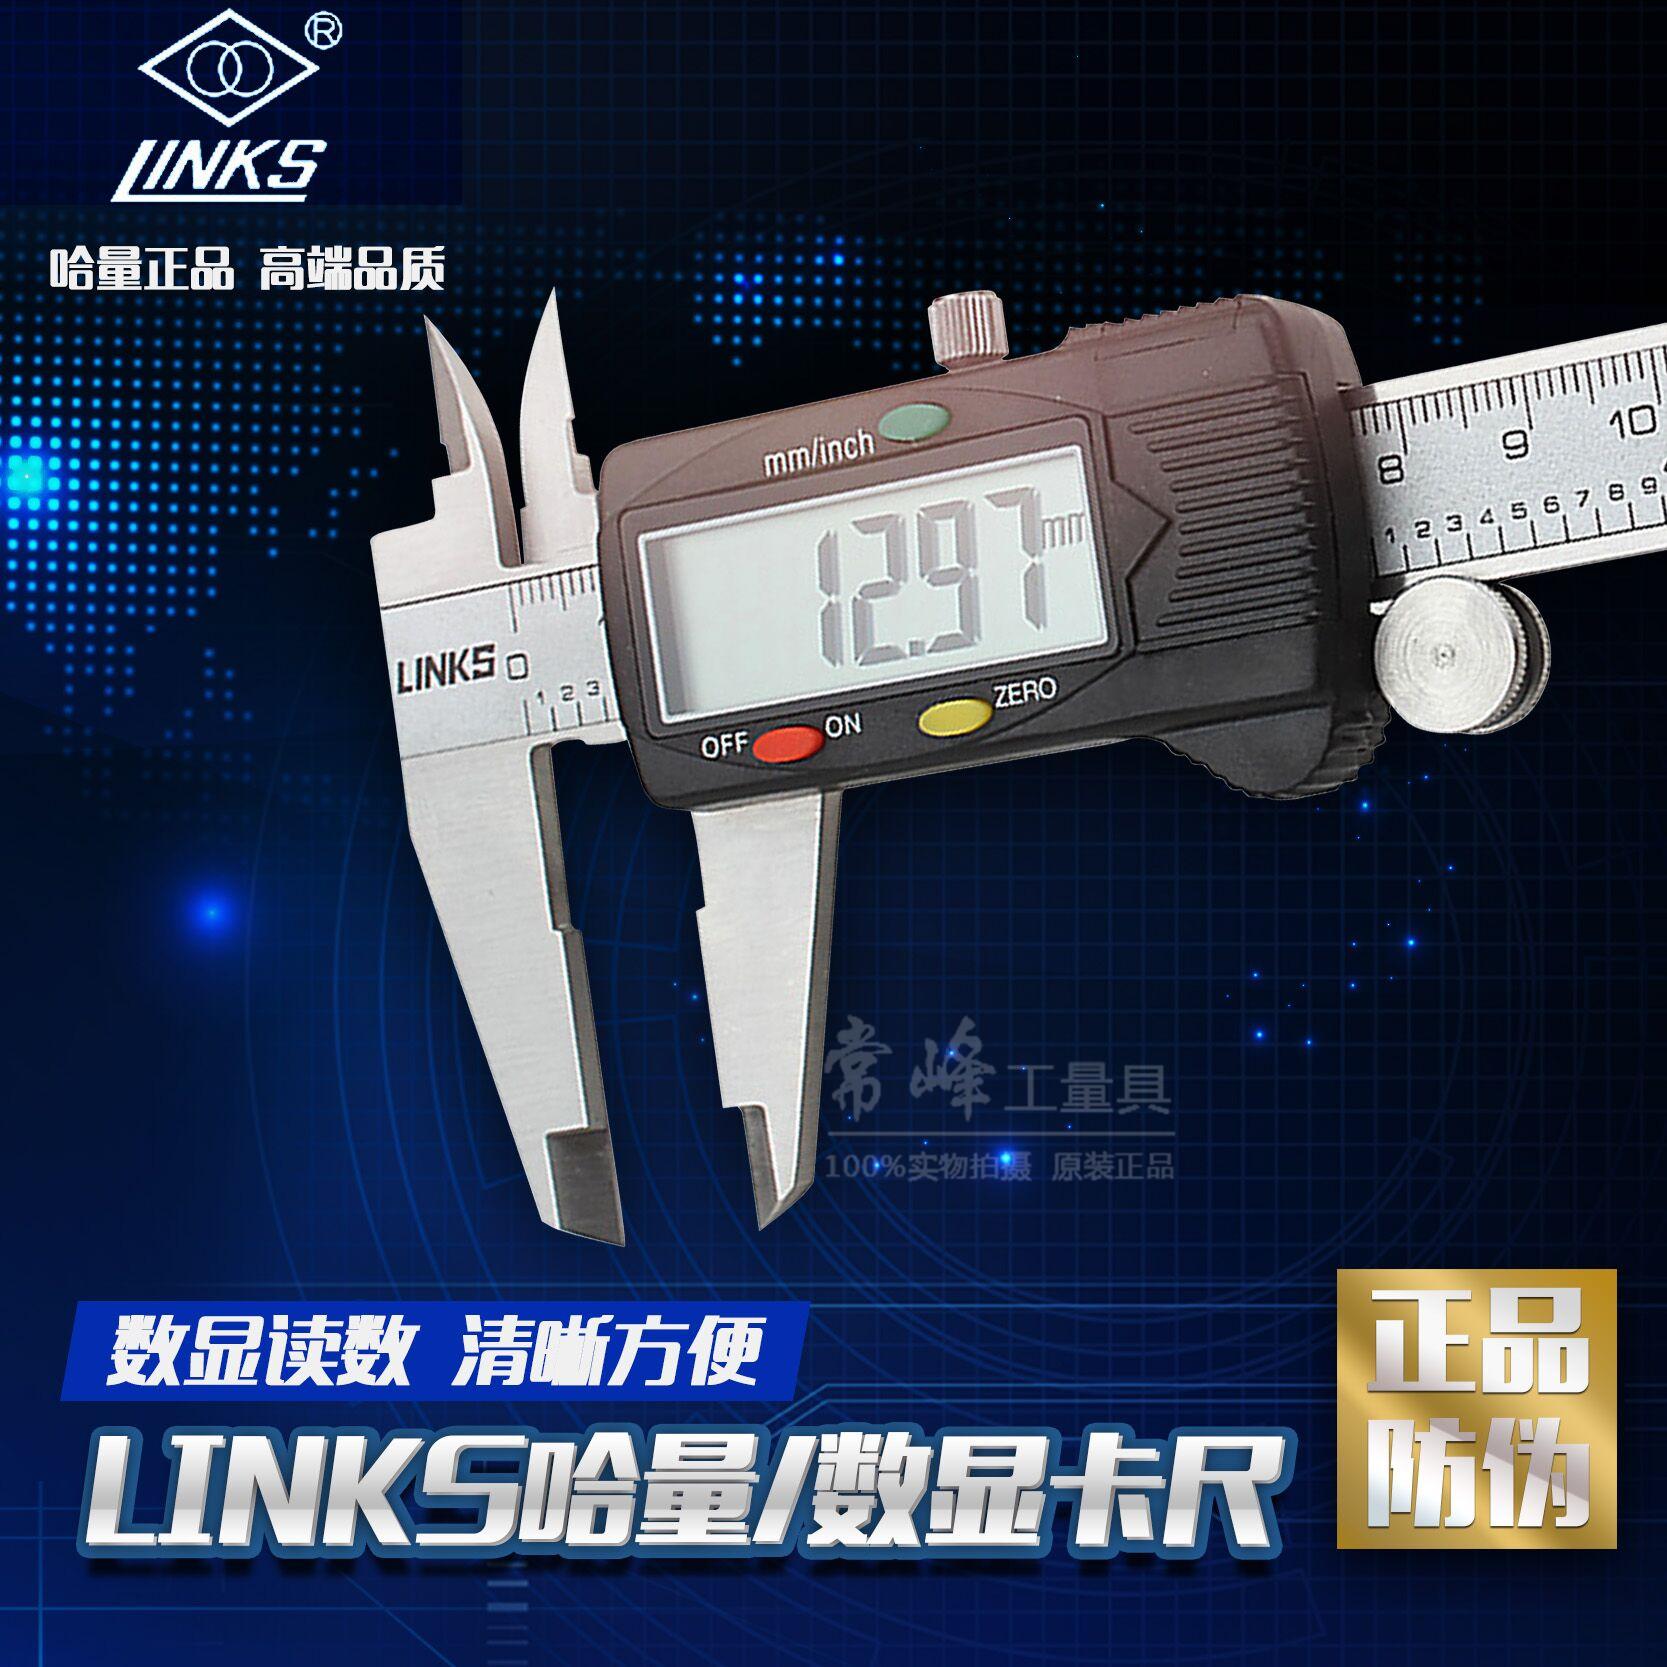 LINKS подлинный количество нержавеющей стали цифровой штангенциркуль электронный тур стандартные карты правитель 0-150-200-300-500mm